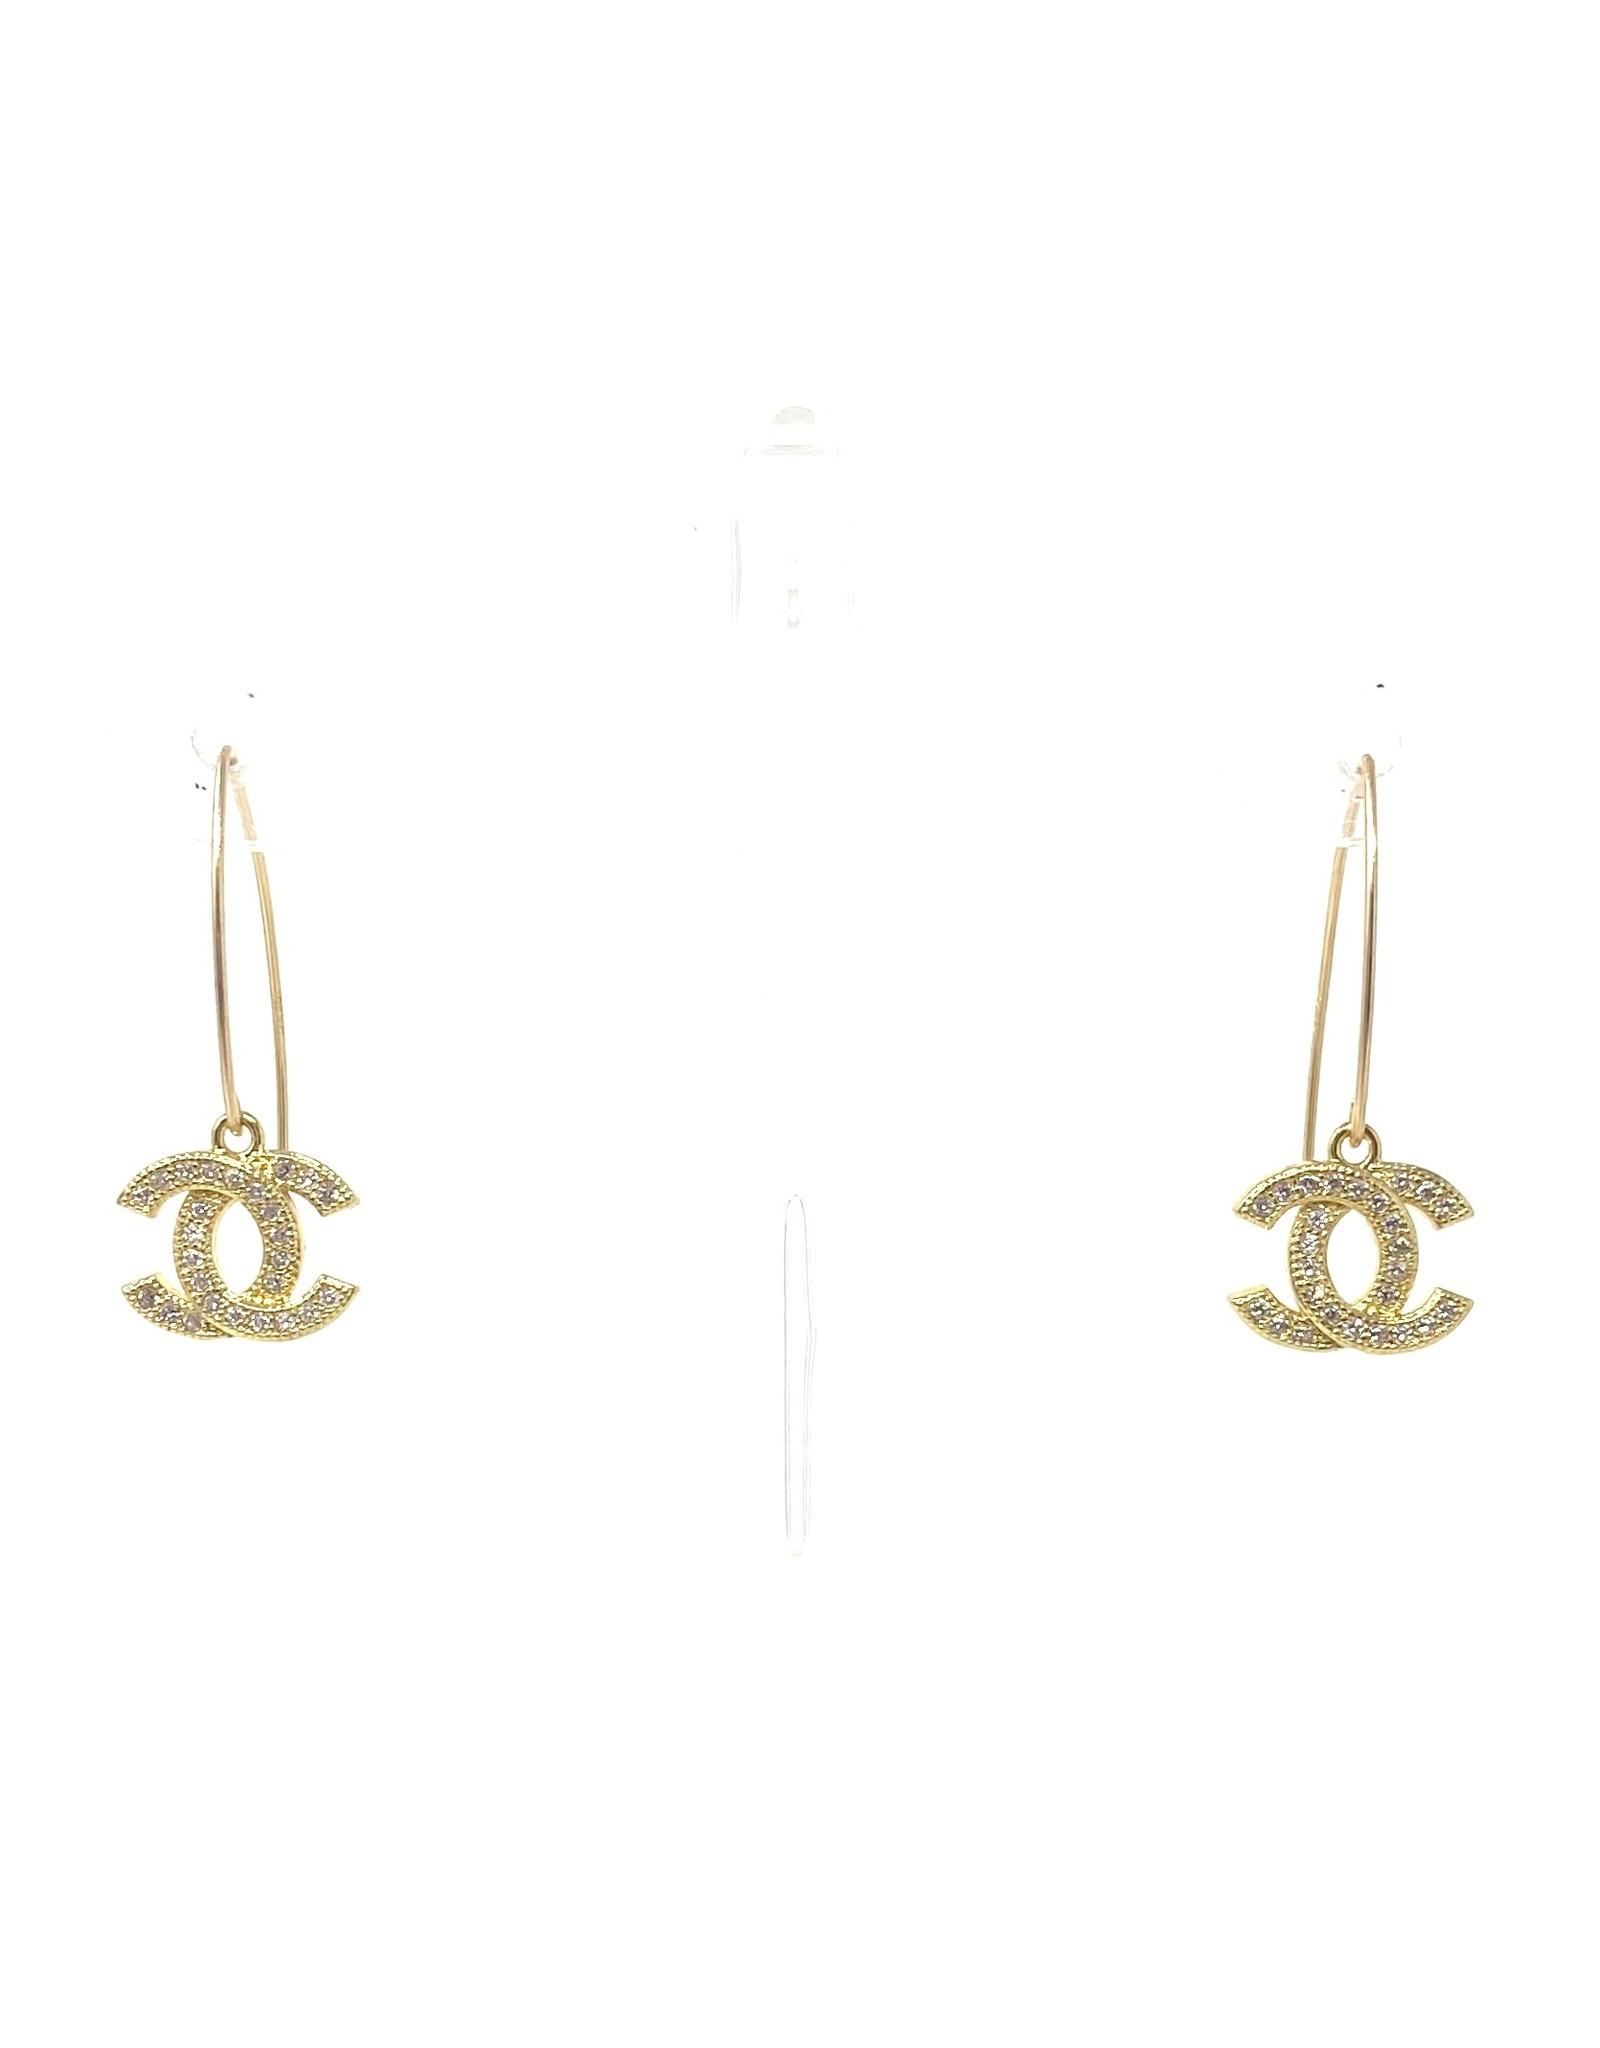 Gold Chanel Earrings